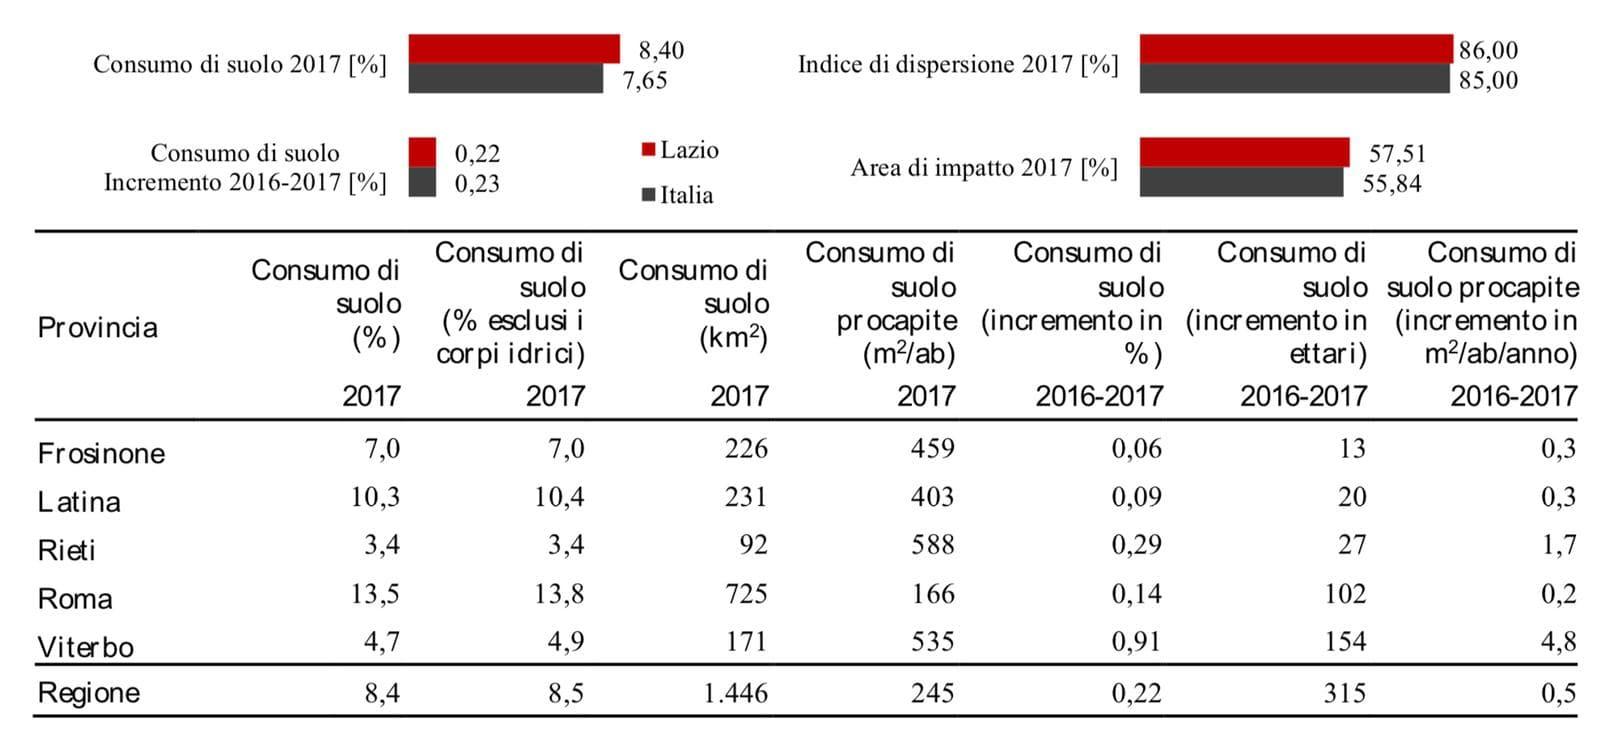 Consumo di suolo 2017-2